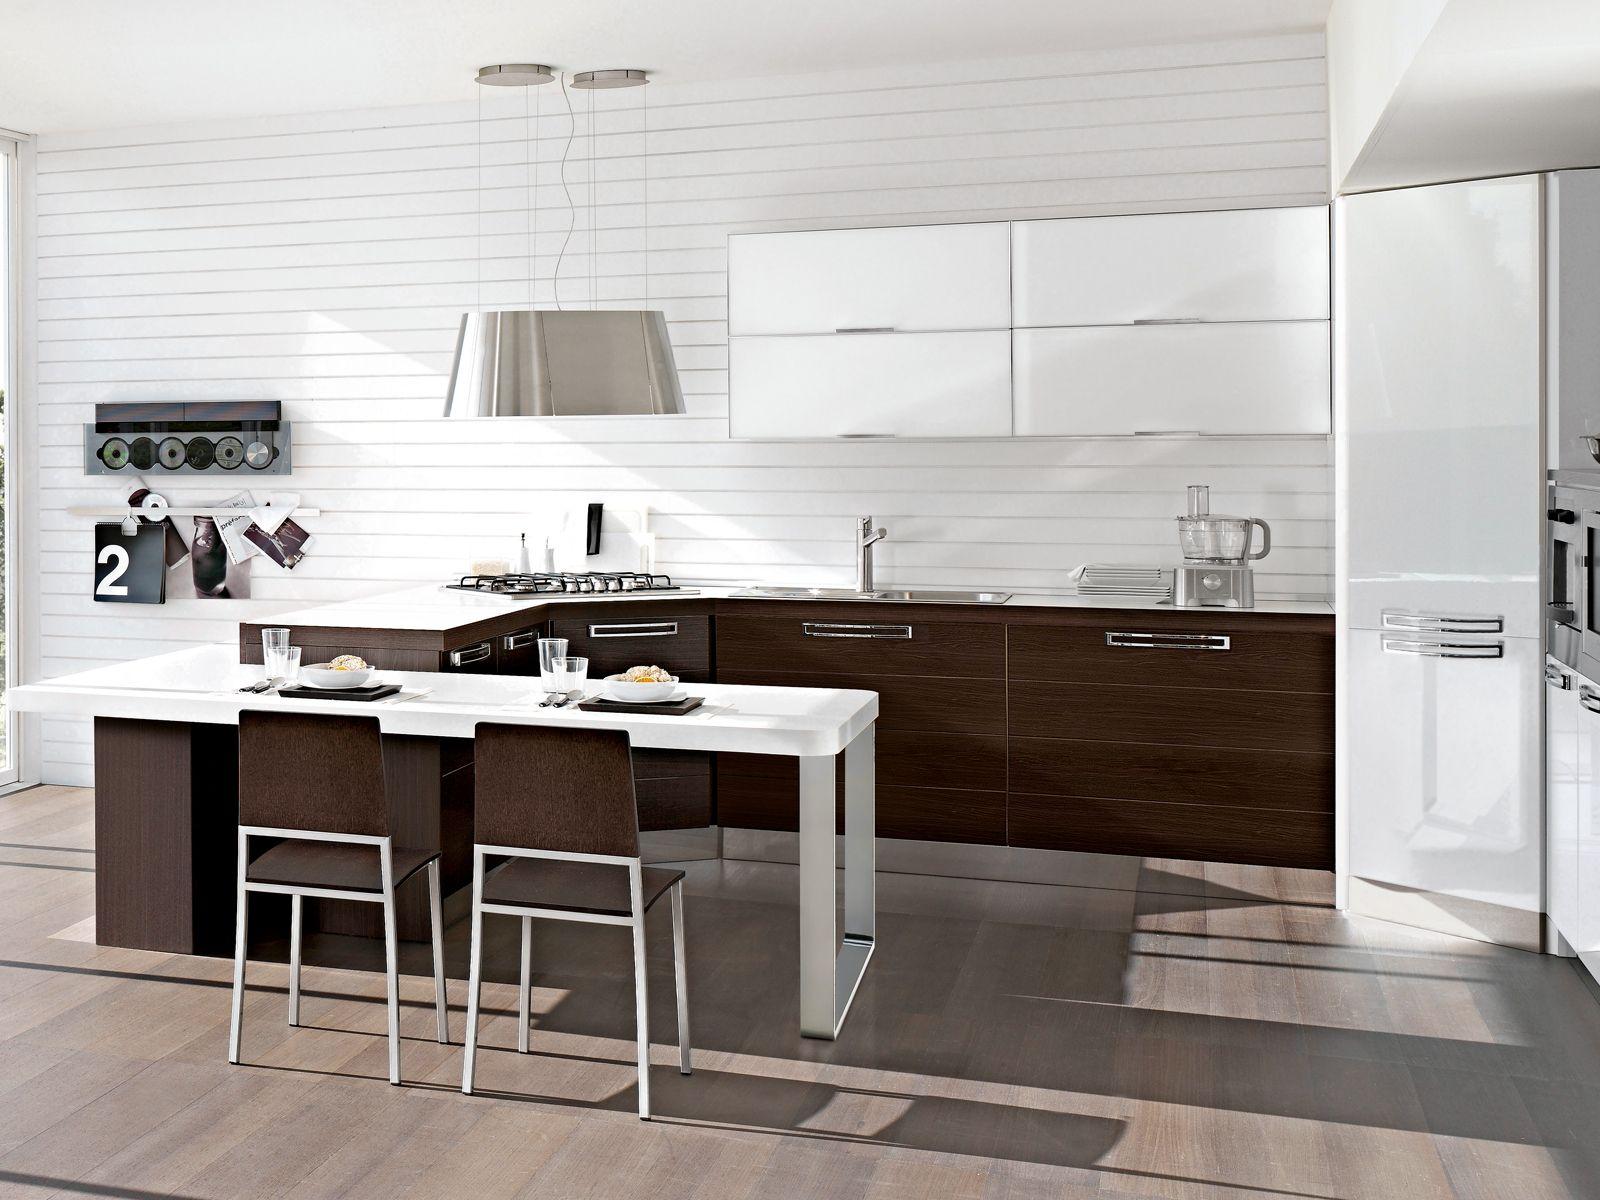 Rivestimento per cucina bianca e grigia ceramica rivestimento